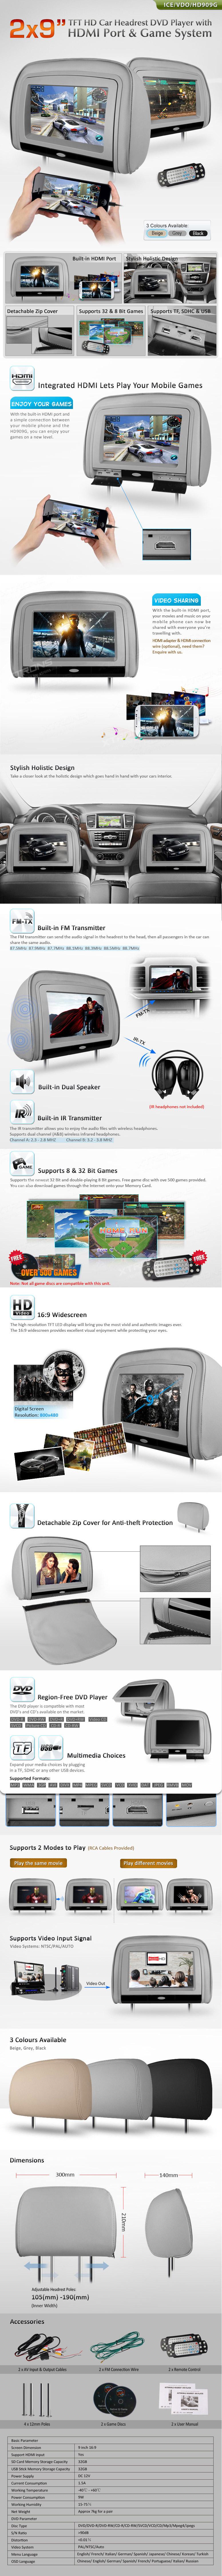 HD909G